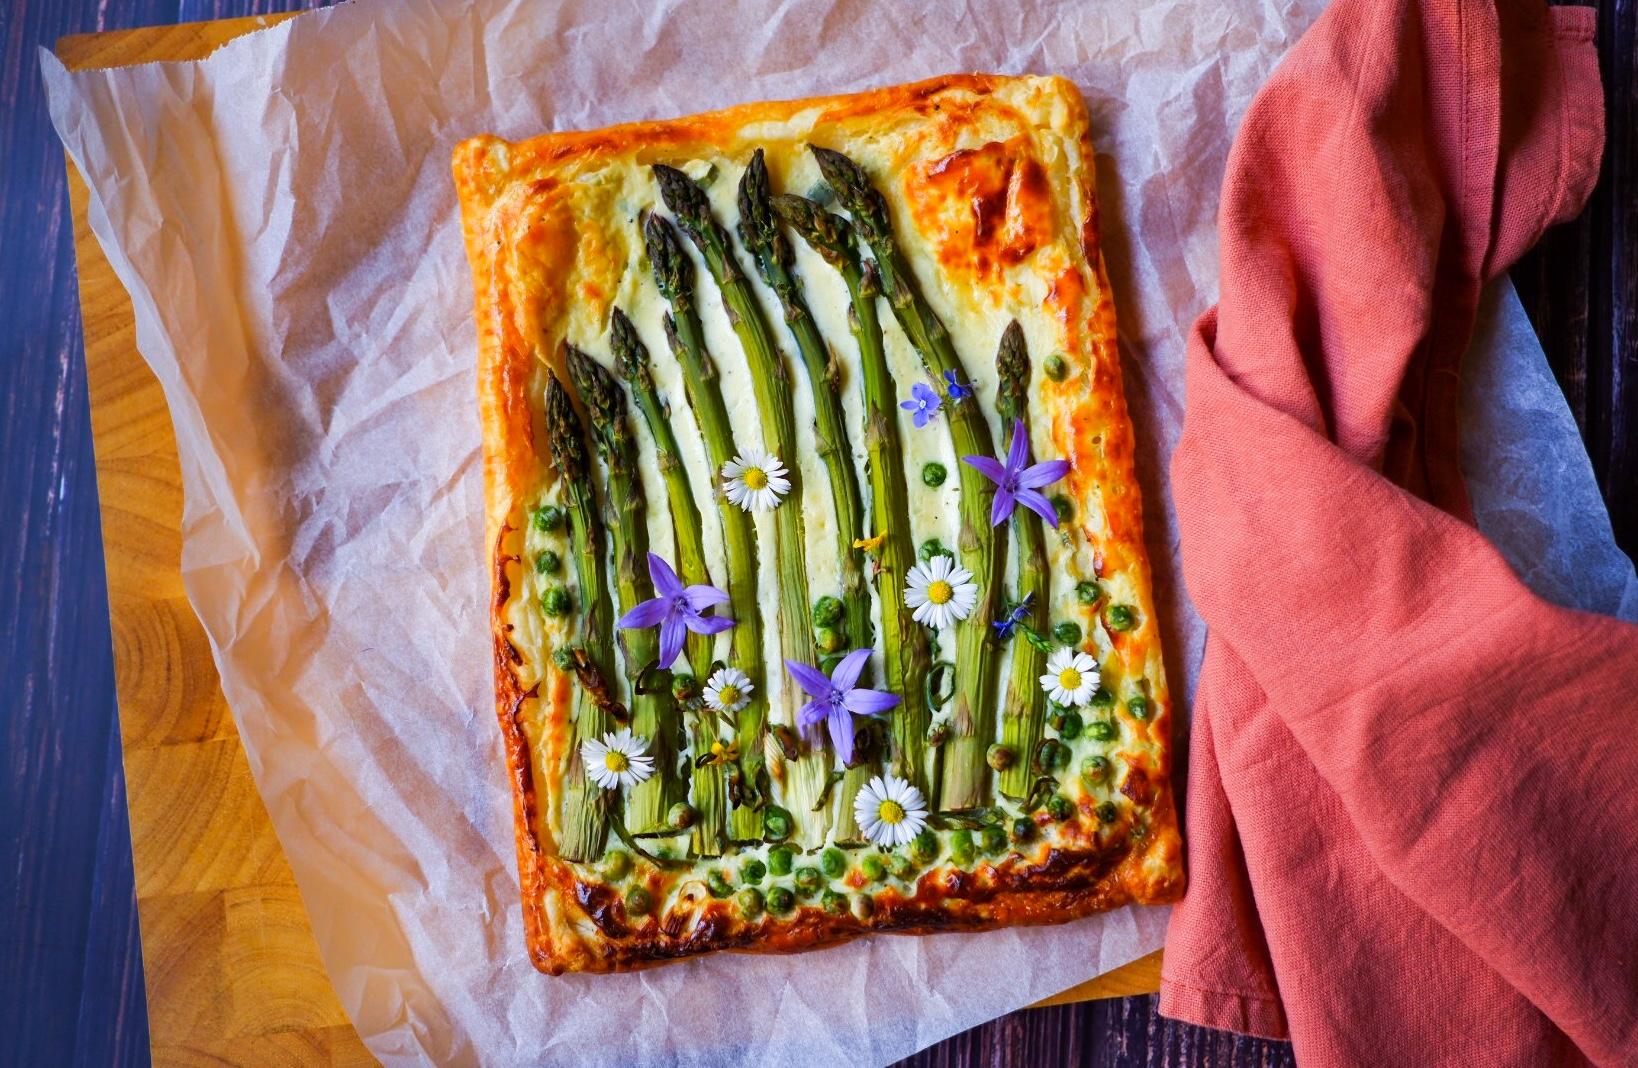 S Klárou v kuchyni: Chřestový koláč zlistového těsta